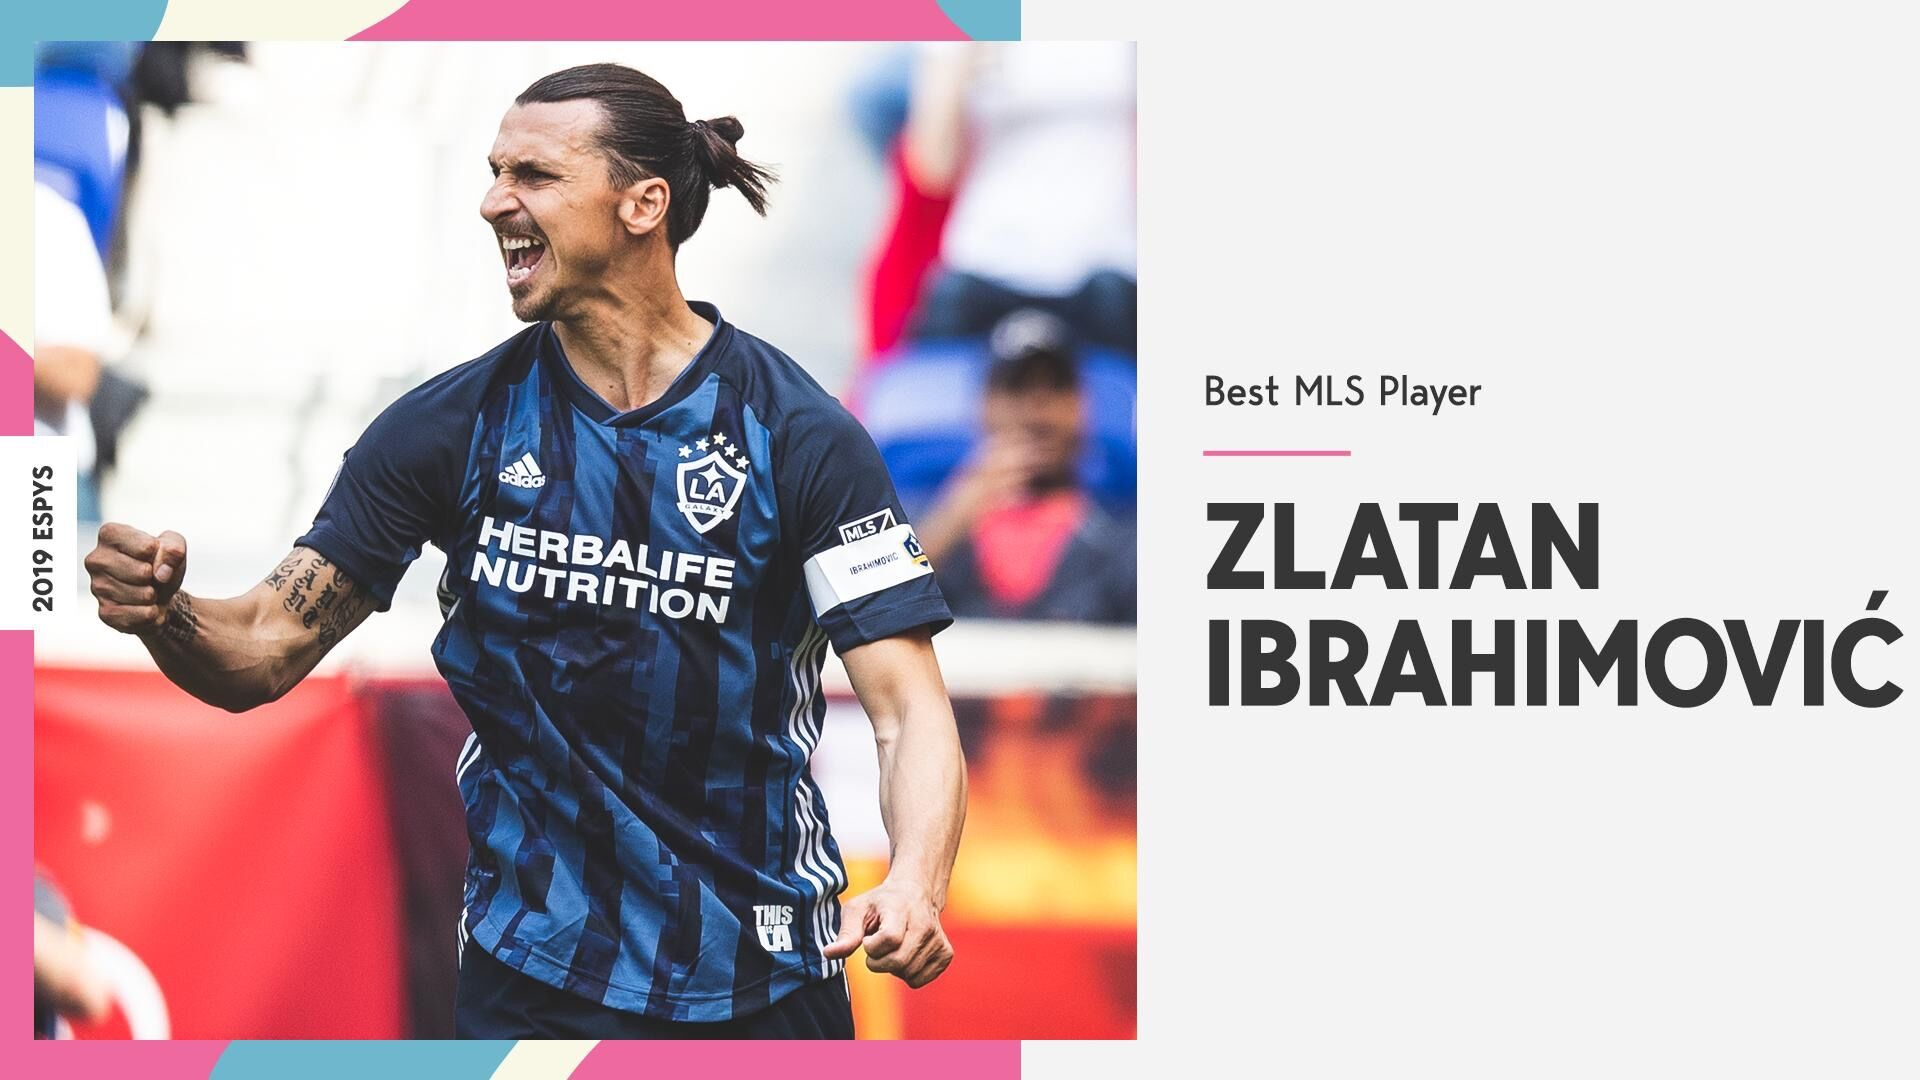 还是那个Zlatan!伊布当选ESPY美职联最佳球员